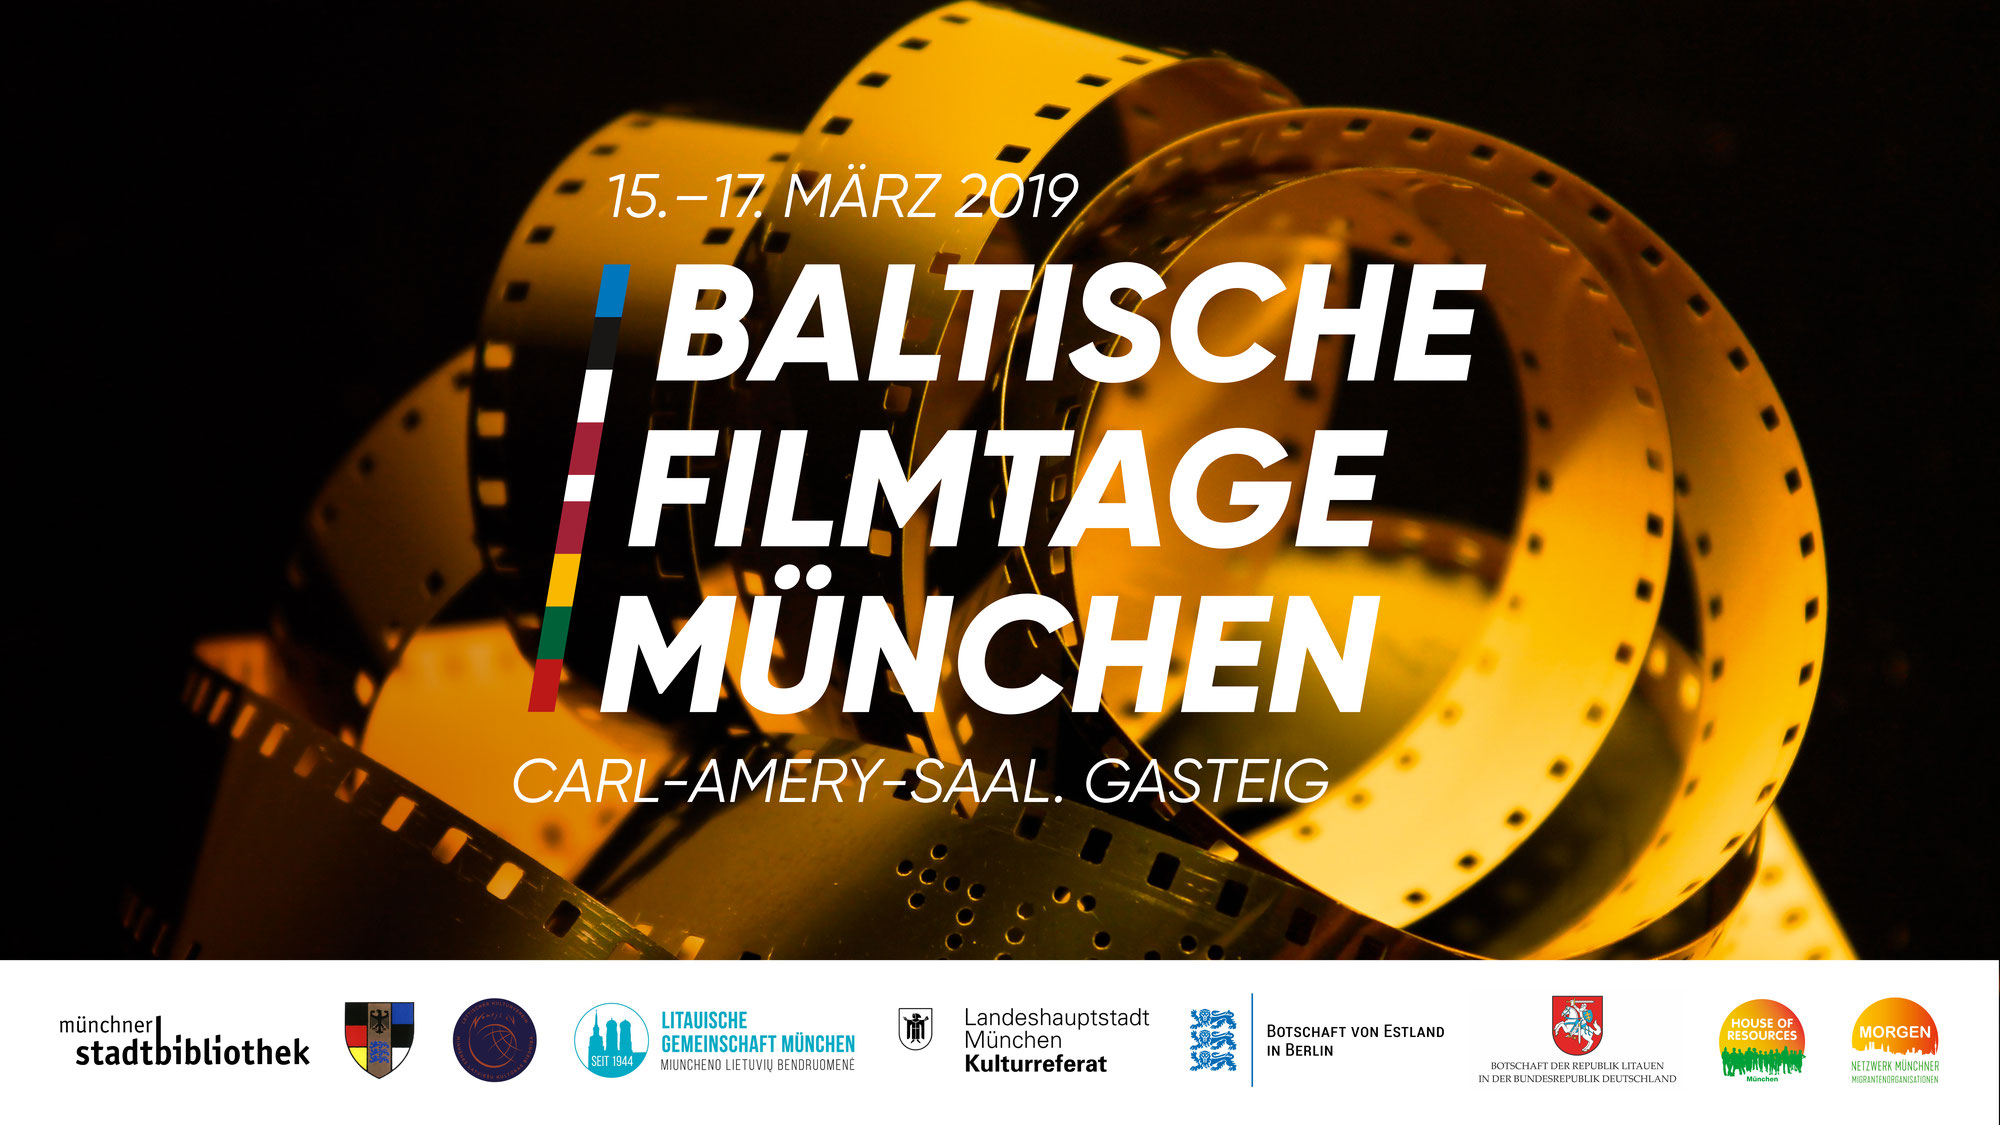 Baltische Filmtage München 2019